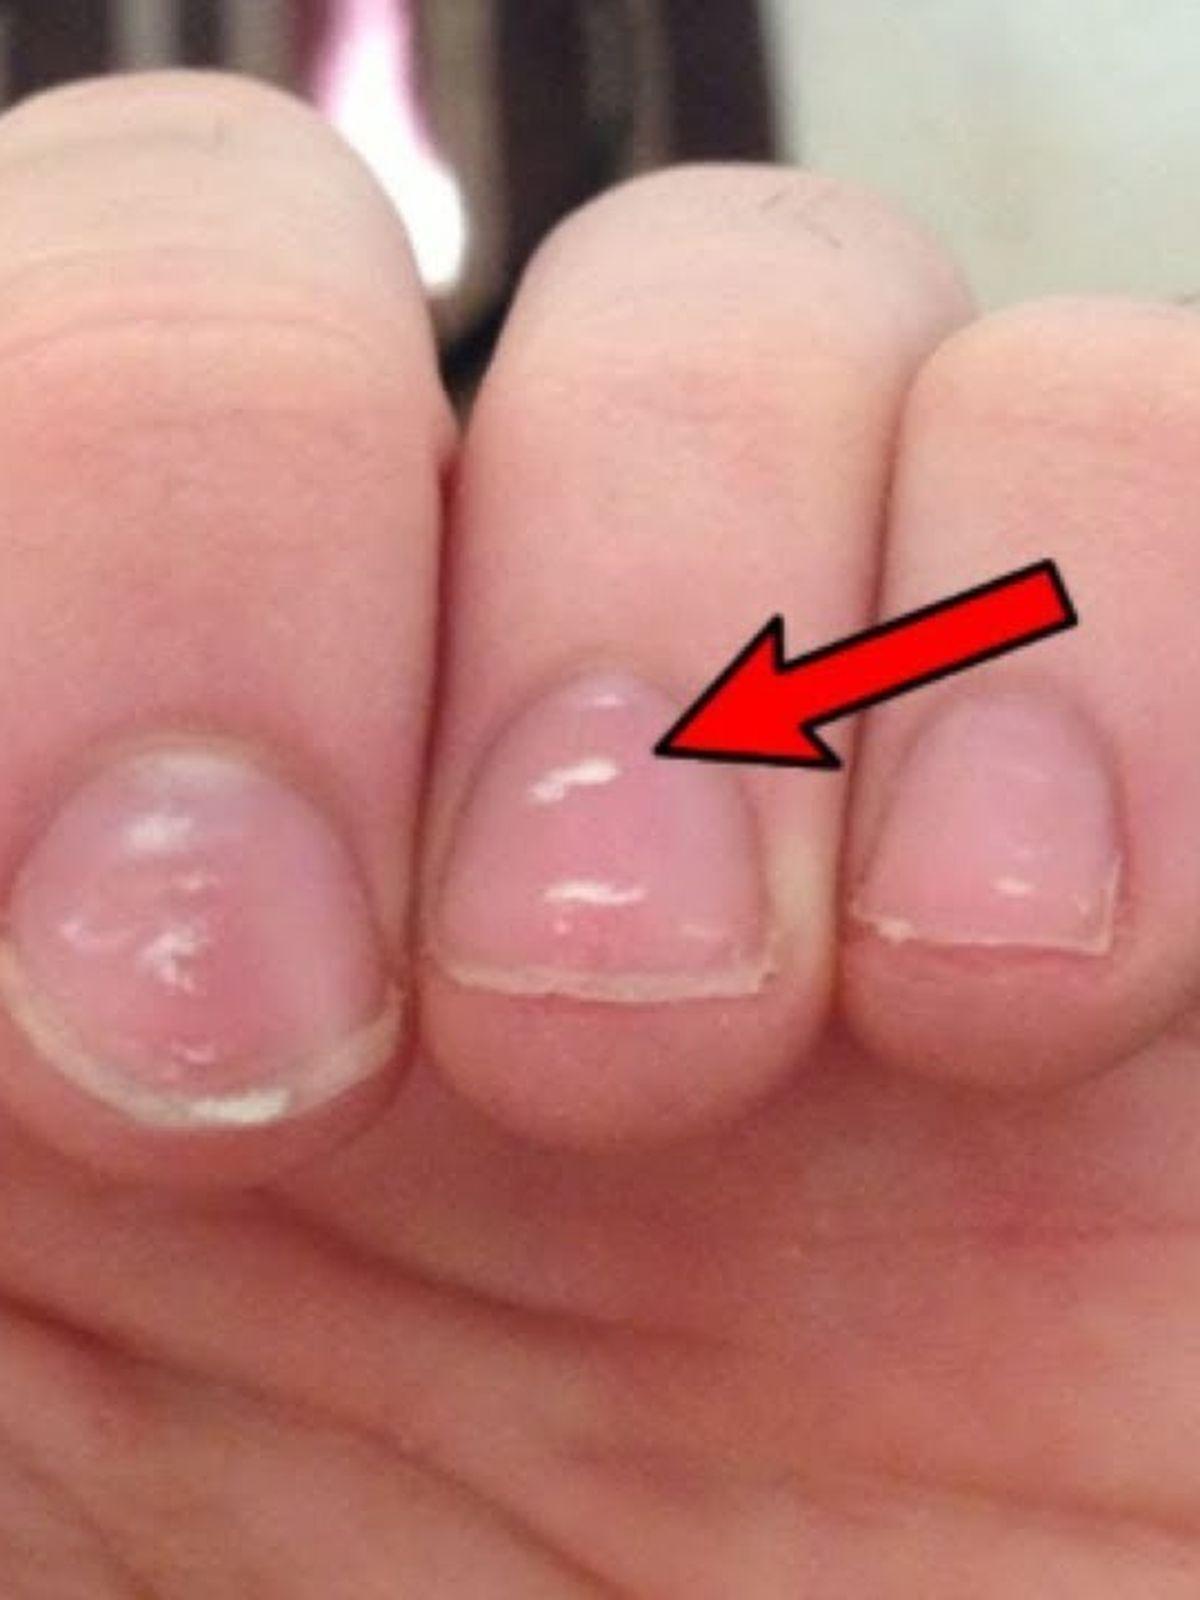 pierdere în greutate pete albe pe unghii